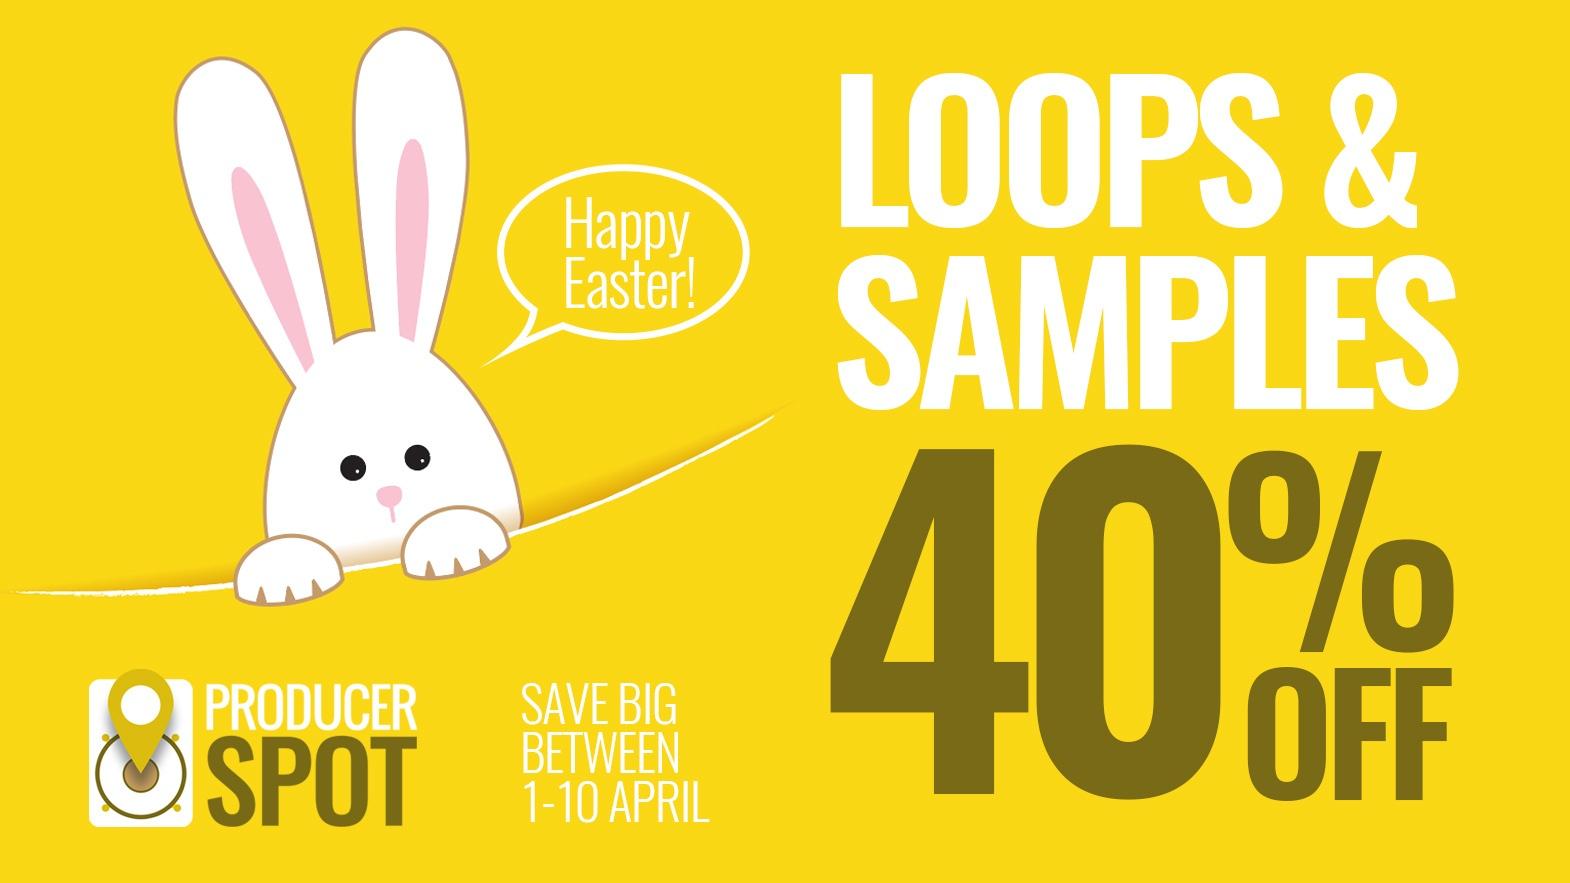 [Samples] Producer Spot Easter Sale